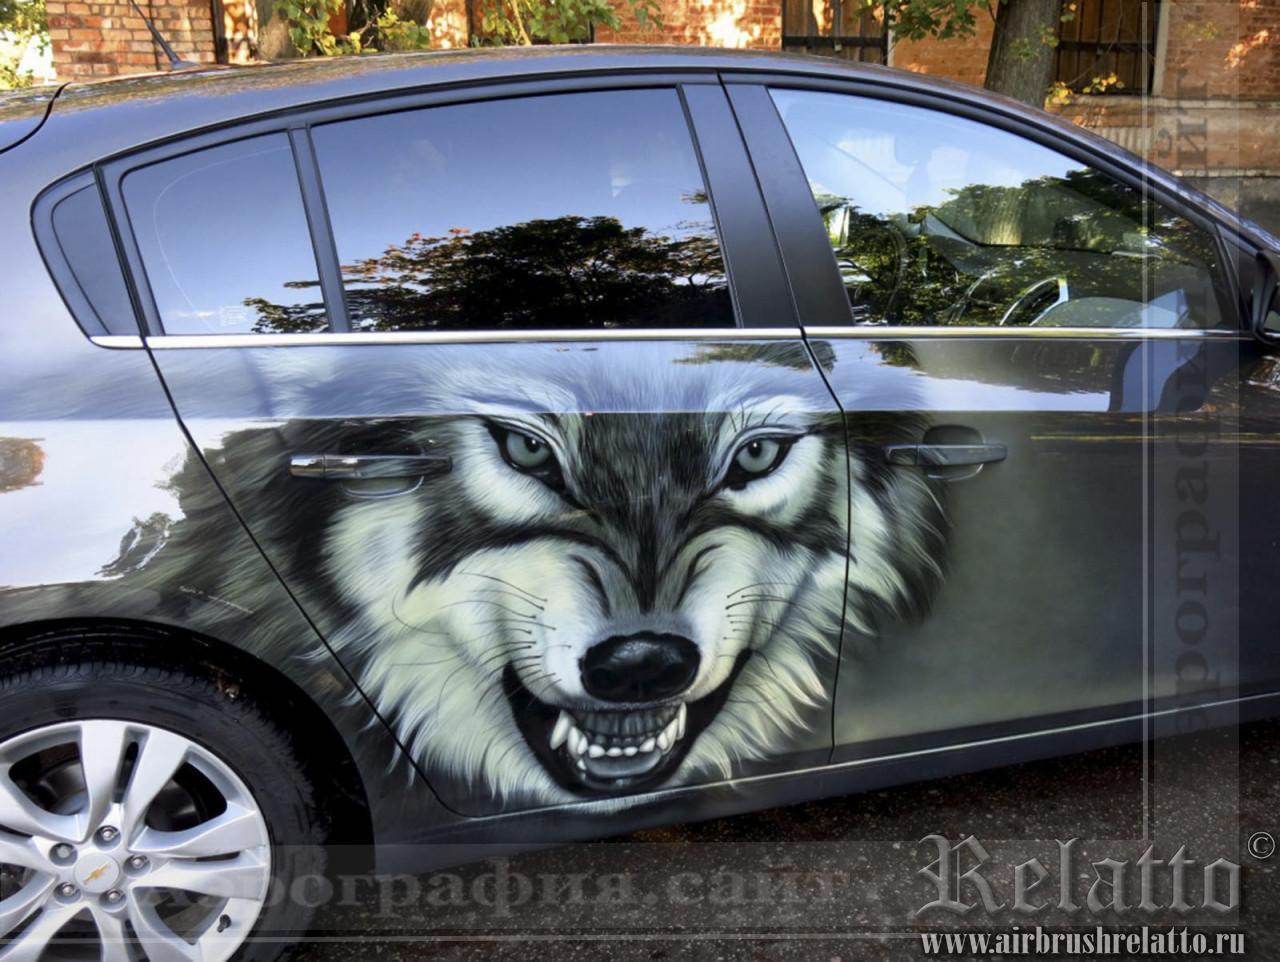 Аэрография на Chevrolet Cruze Волк